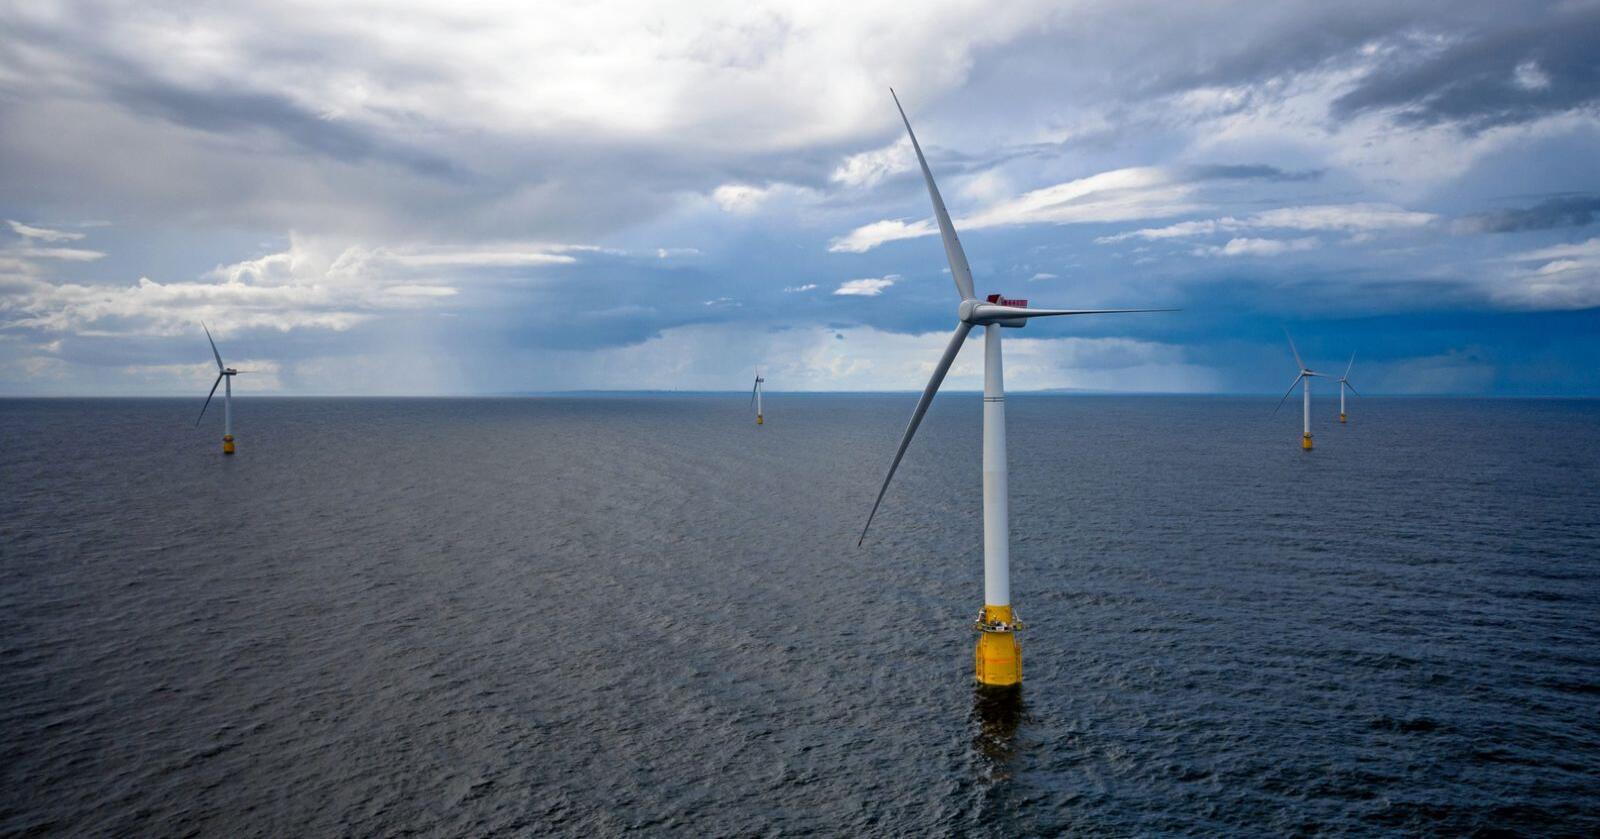 Havvind kan bli en stor industri i årene framover, ifølge ny rapport. Her fra Equinors Hywind Buchan vindmølleanlegg  utenfor Skottland. Foto: Øyvinf Gravås / Equinor / NTB